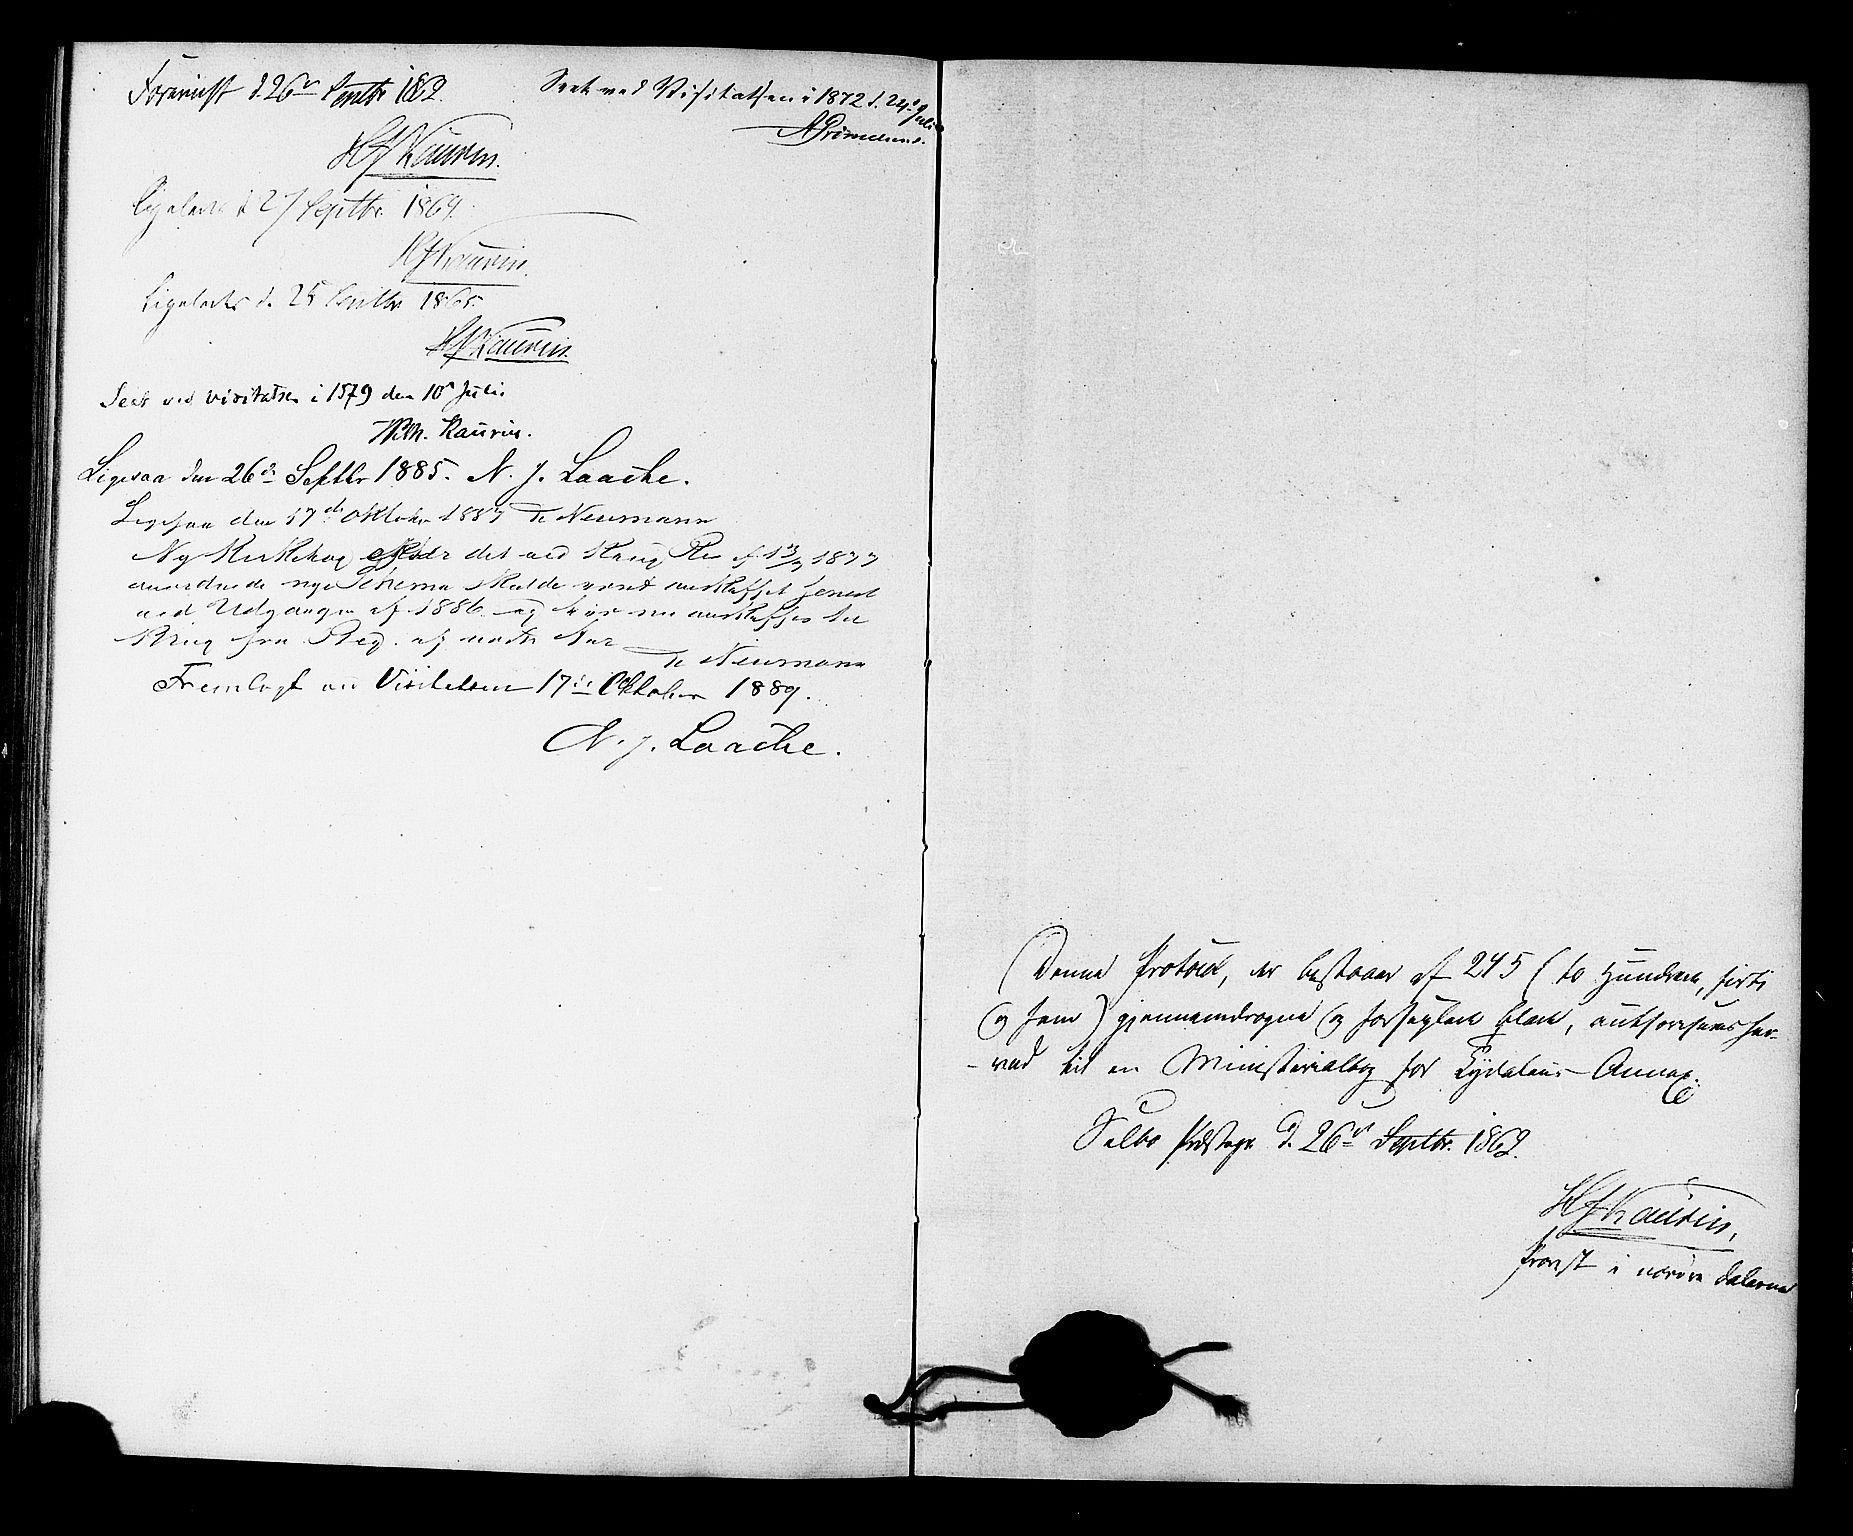 SAT, Ministerialprotokoller, klokkerbøker og fødselsregistre - Sør-Trøndelag, 698/L1163: Ministerialbok nr. 698A01, 1862-1887